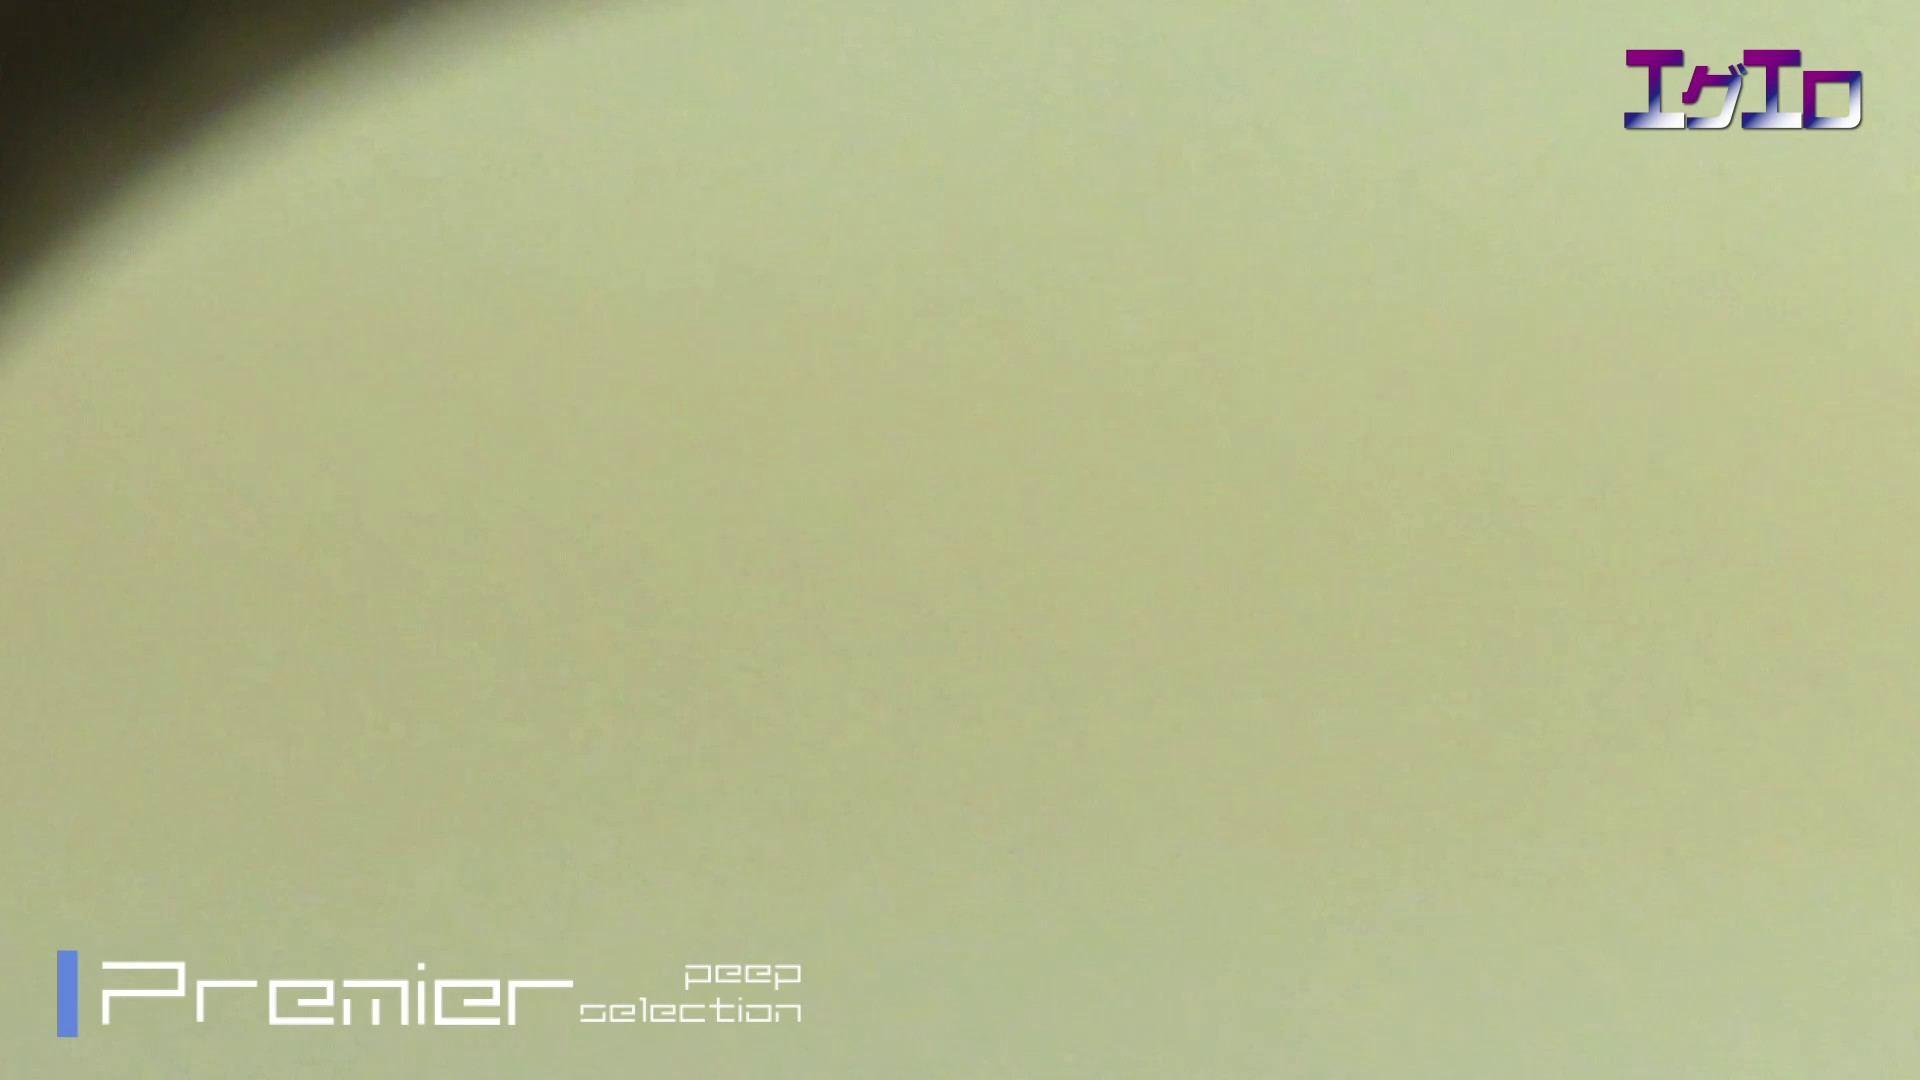 ▲2017_04位▲ 至近距離洗面所 Vol.13 高画質で場所も変えNew 高評価 オマンコ動画キャプチャ 97枚 34